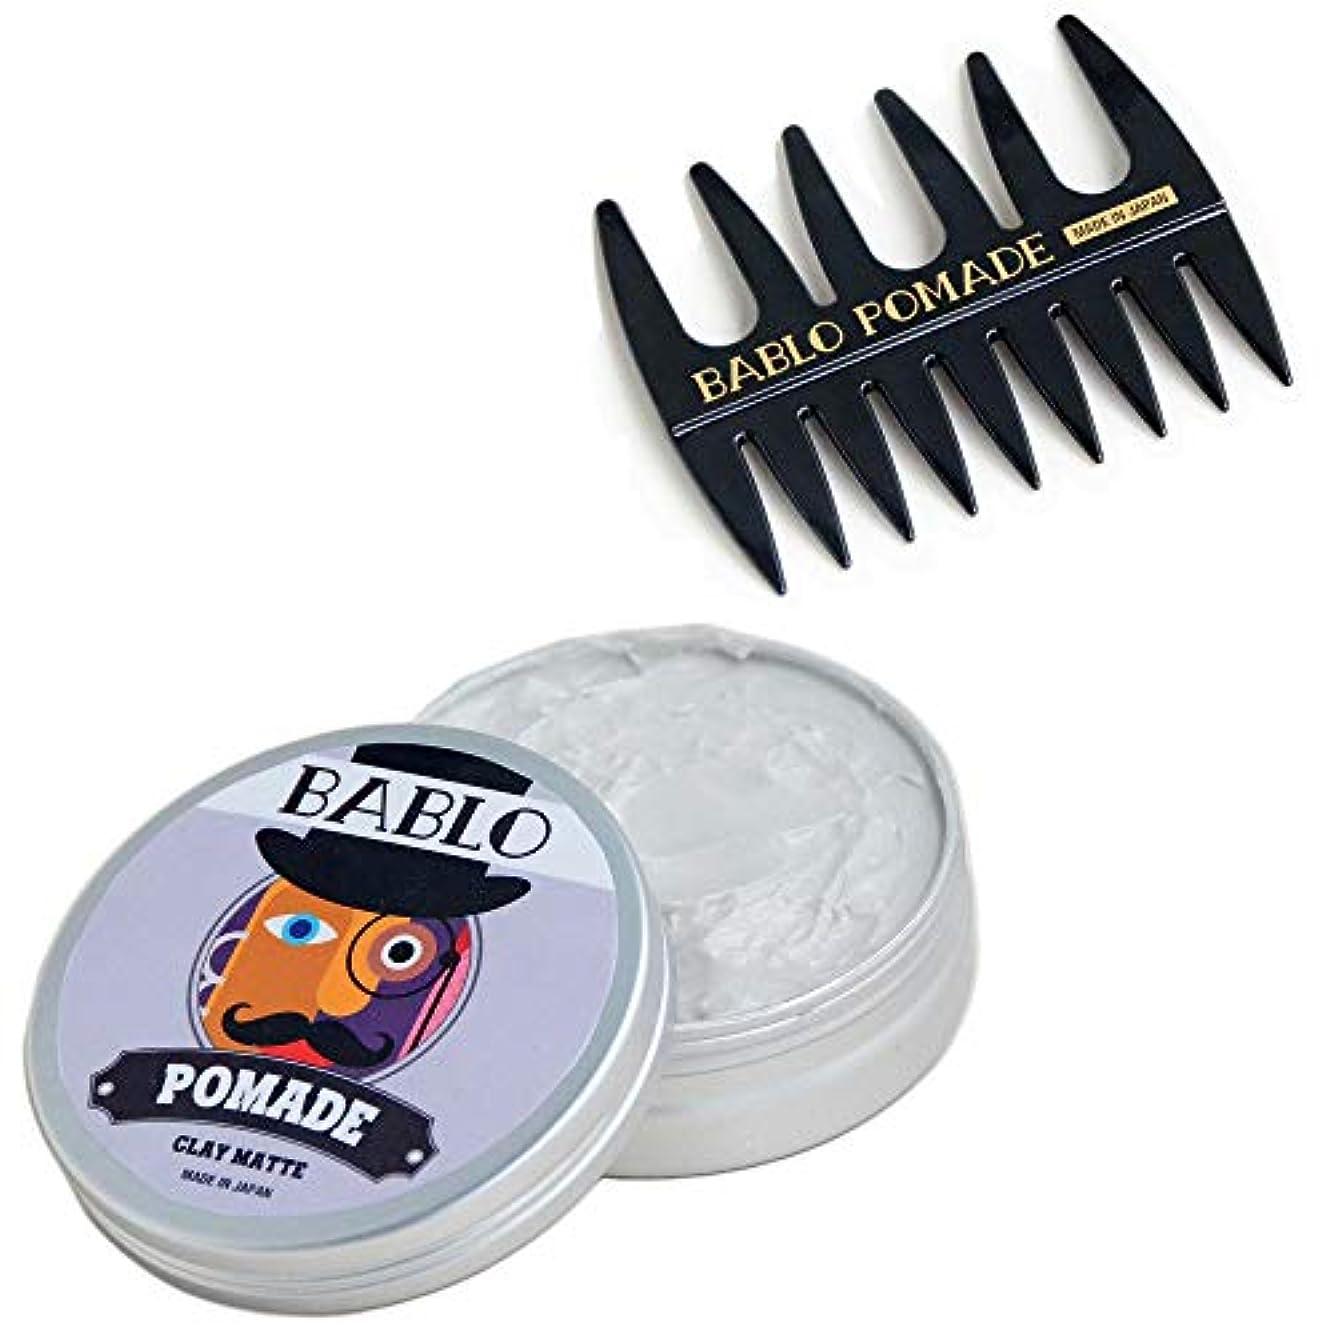 バーチャルバーター可能性バブロ ポマード クレイマット ヘアワックス 整髪料 水性 ヘアグリース メンズ メッシュコーム セット